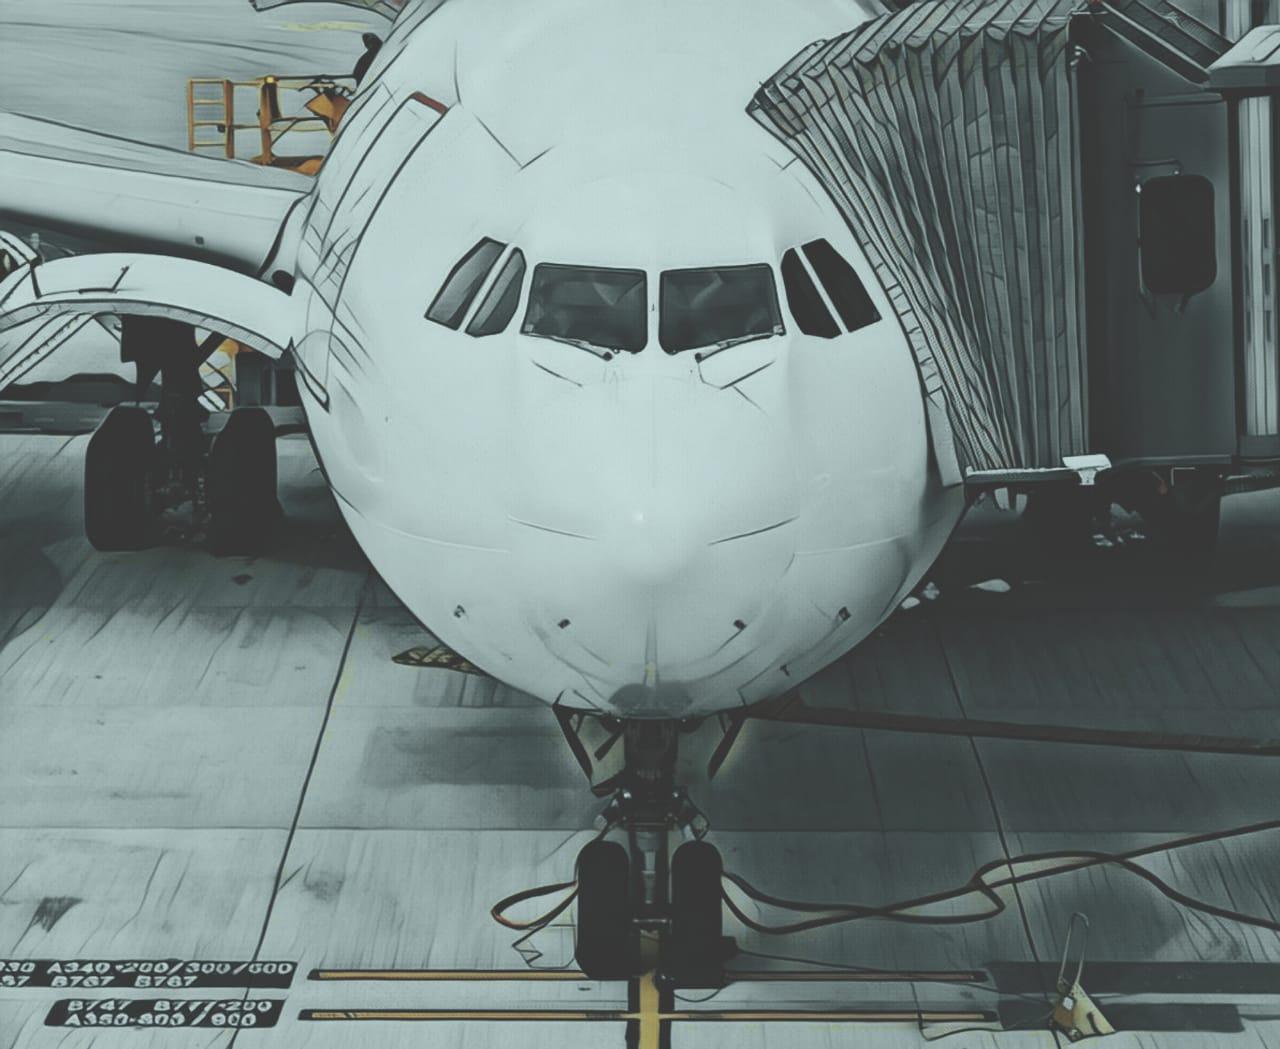 https: img.okezone.com content 2019 07 12 320 2078101 fakta-fakta-tiket-penerbangan-murah-cek-jadwalnya-imTAsv7iAT.jpg